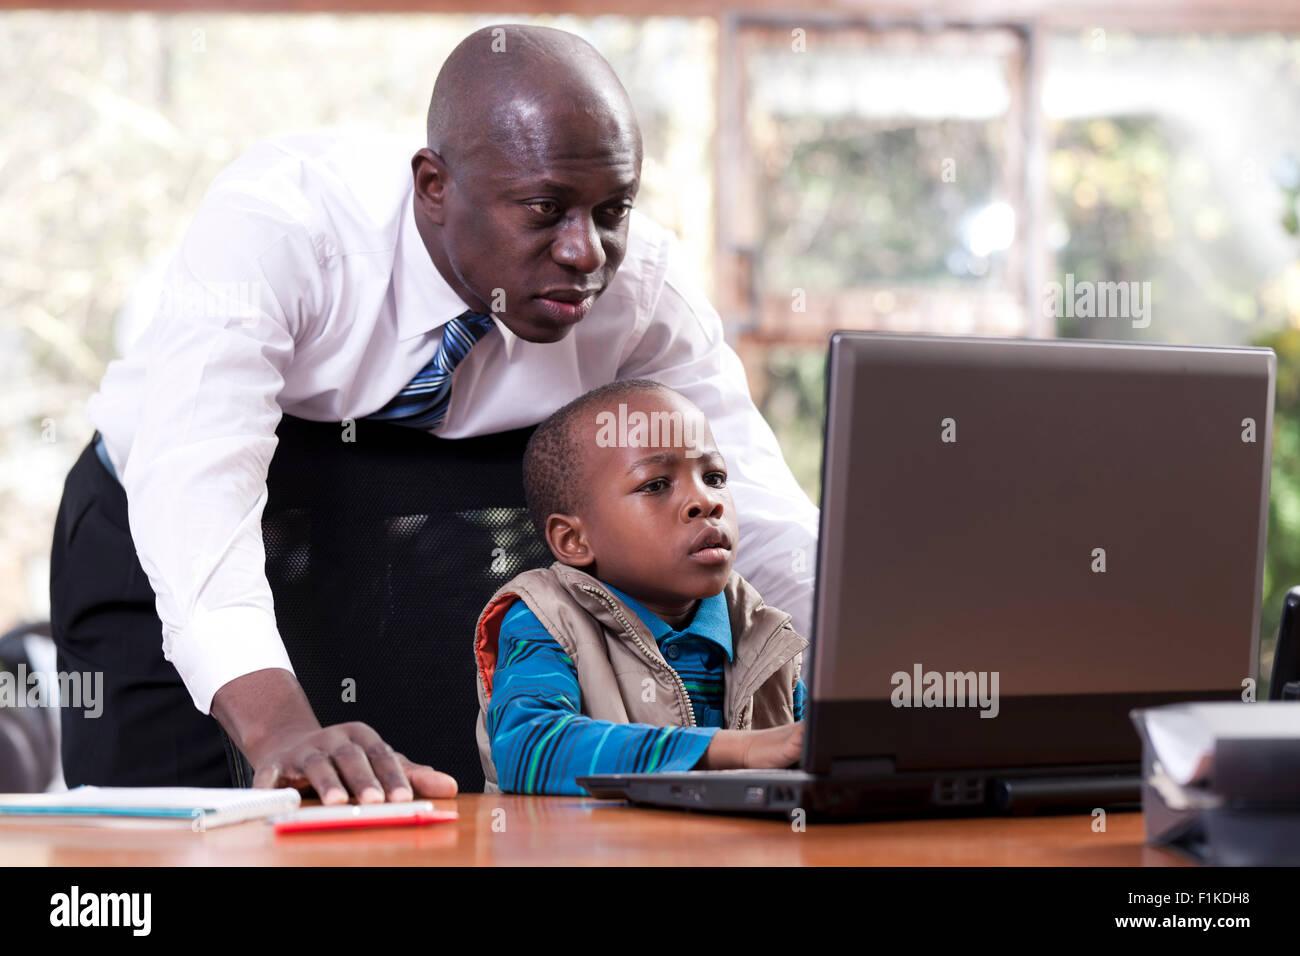 Un jeune garçon est assis de l'Afrique chez son père 24, jouant sur un leptop tandis que son père veille sur son Banque D'Images